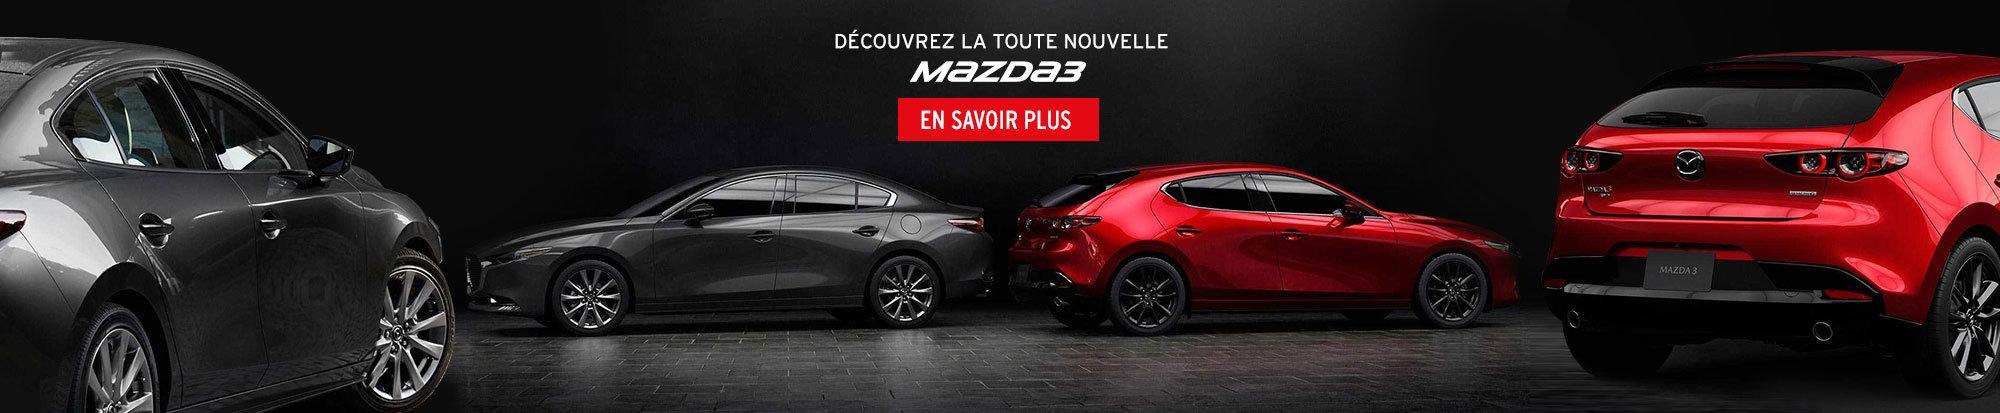 La toute nouvelle Mazda 3 (mobile)